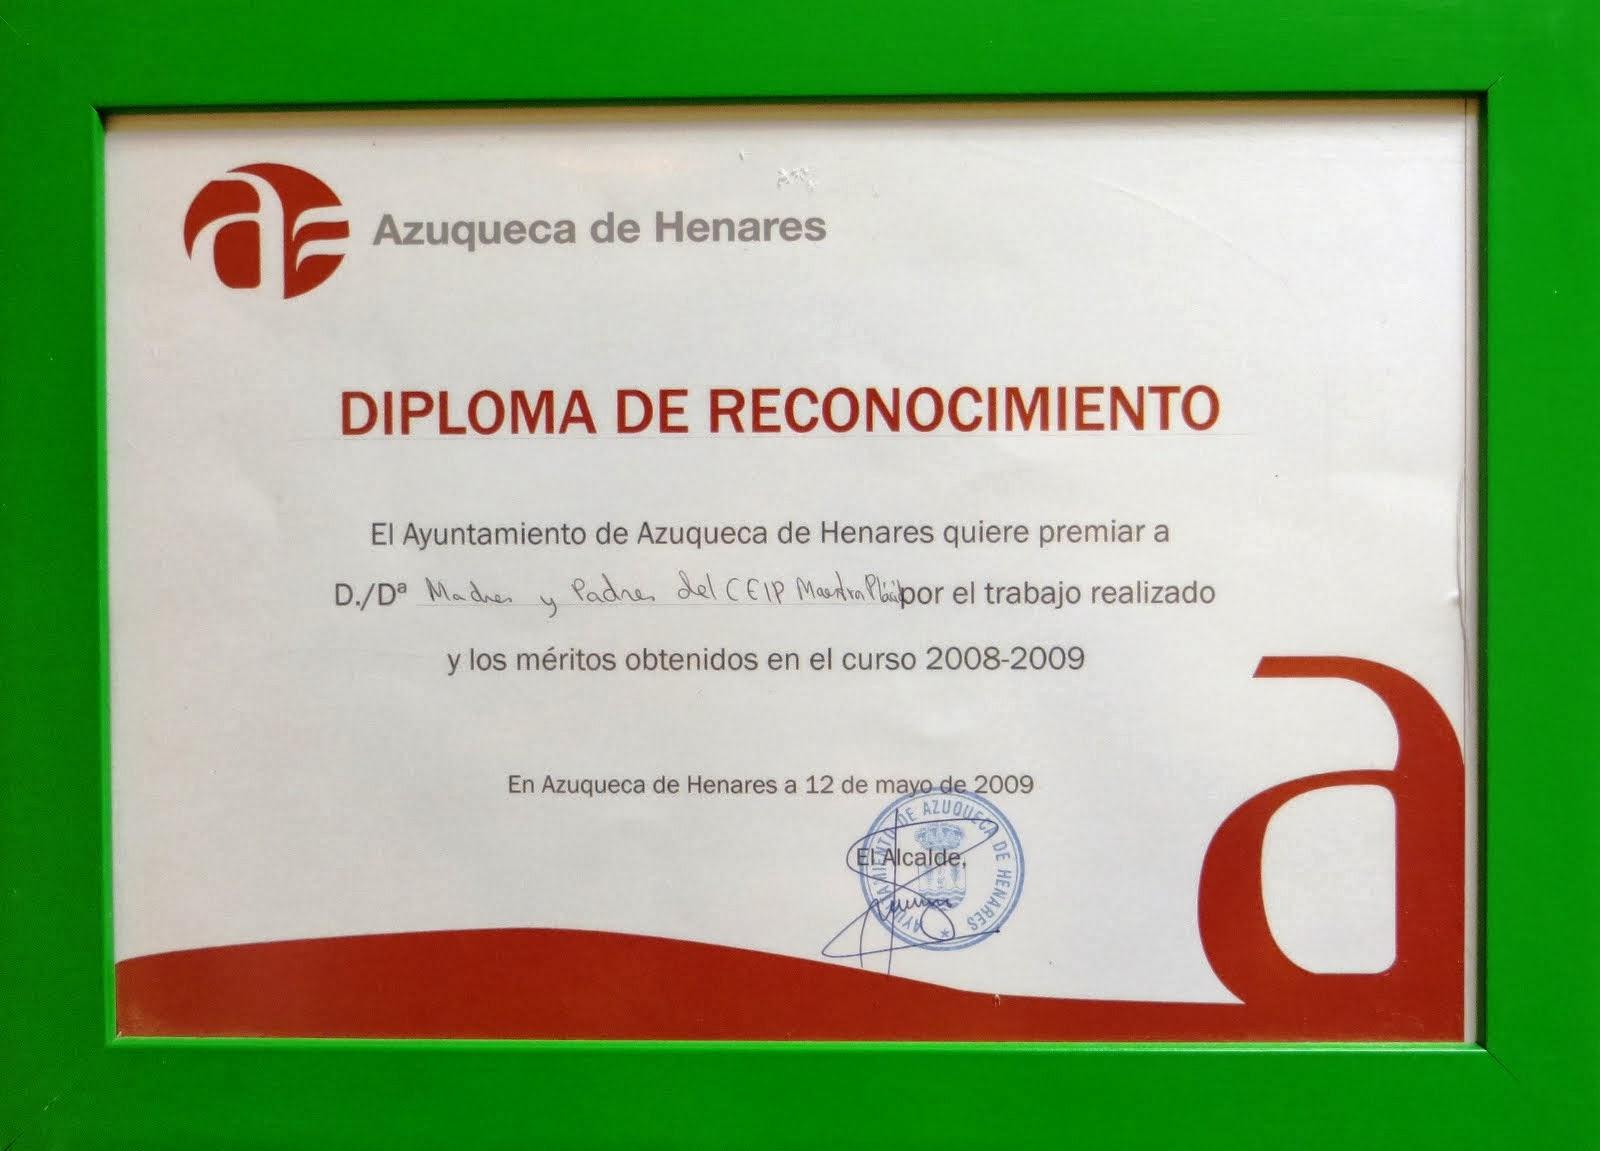 Diploma de Reconociminto 2009